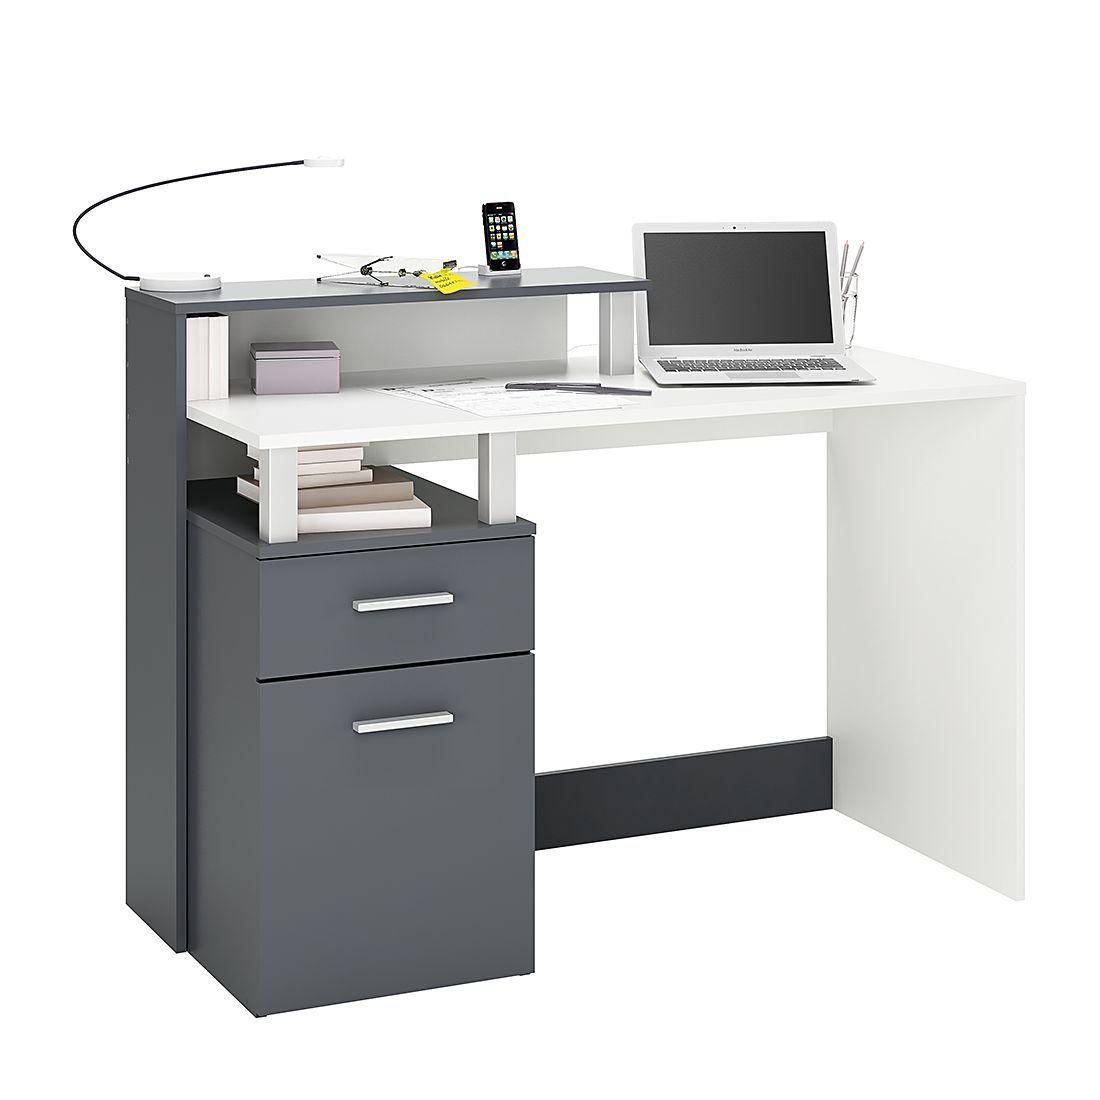 Exquisit Schreibtisch Weiß Grau Sammlung Von Marseille - Weiß / Grau, California Jetzt